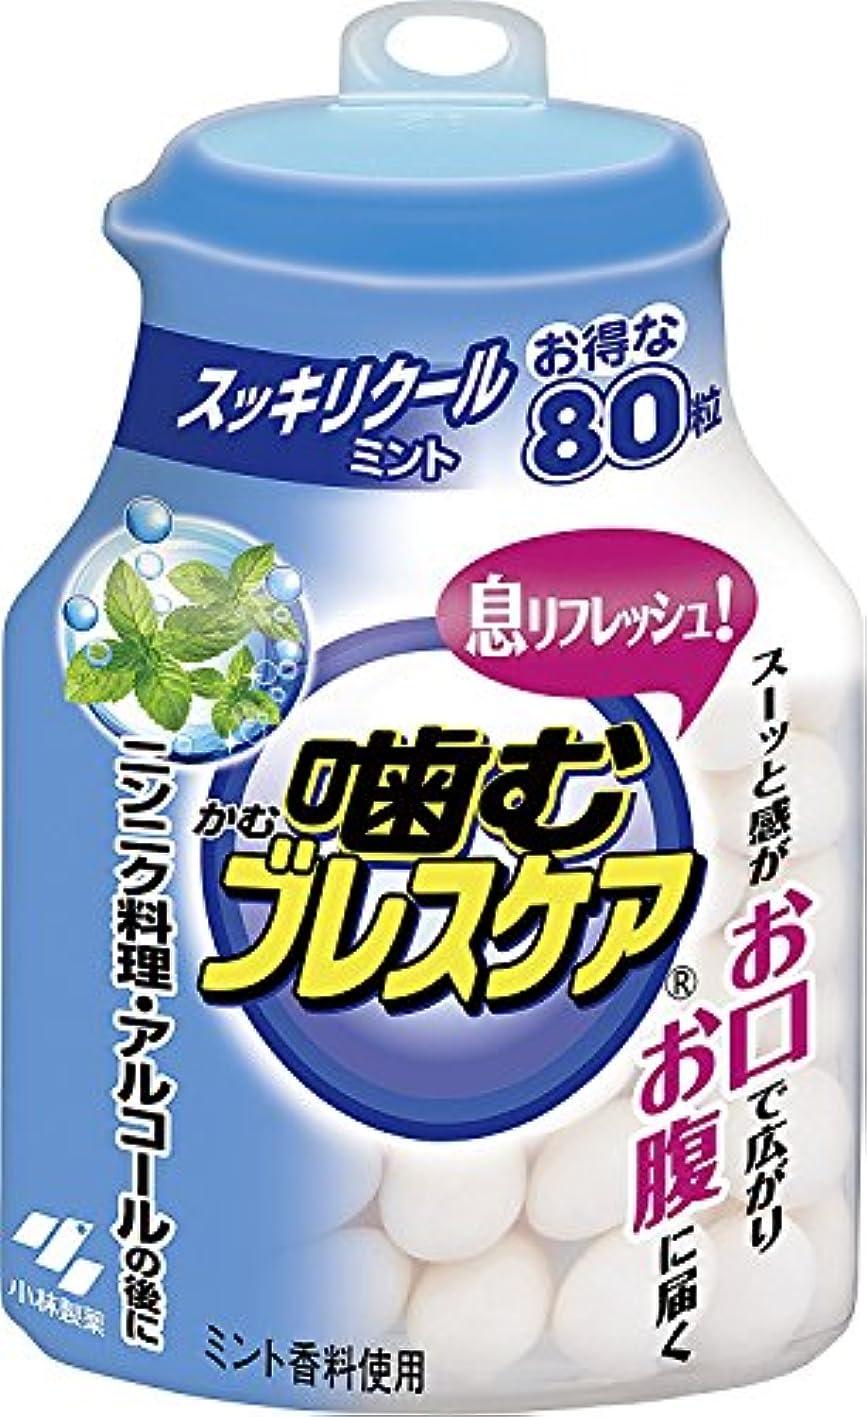 パラナ川炭素ピニオン噛むブレスケア 息リフレッシュグミ スッキリクールミント ボトルタイプ お得な80粒